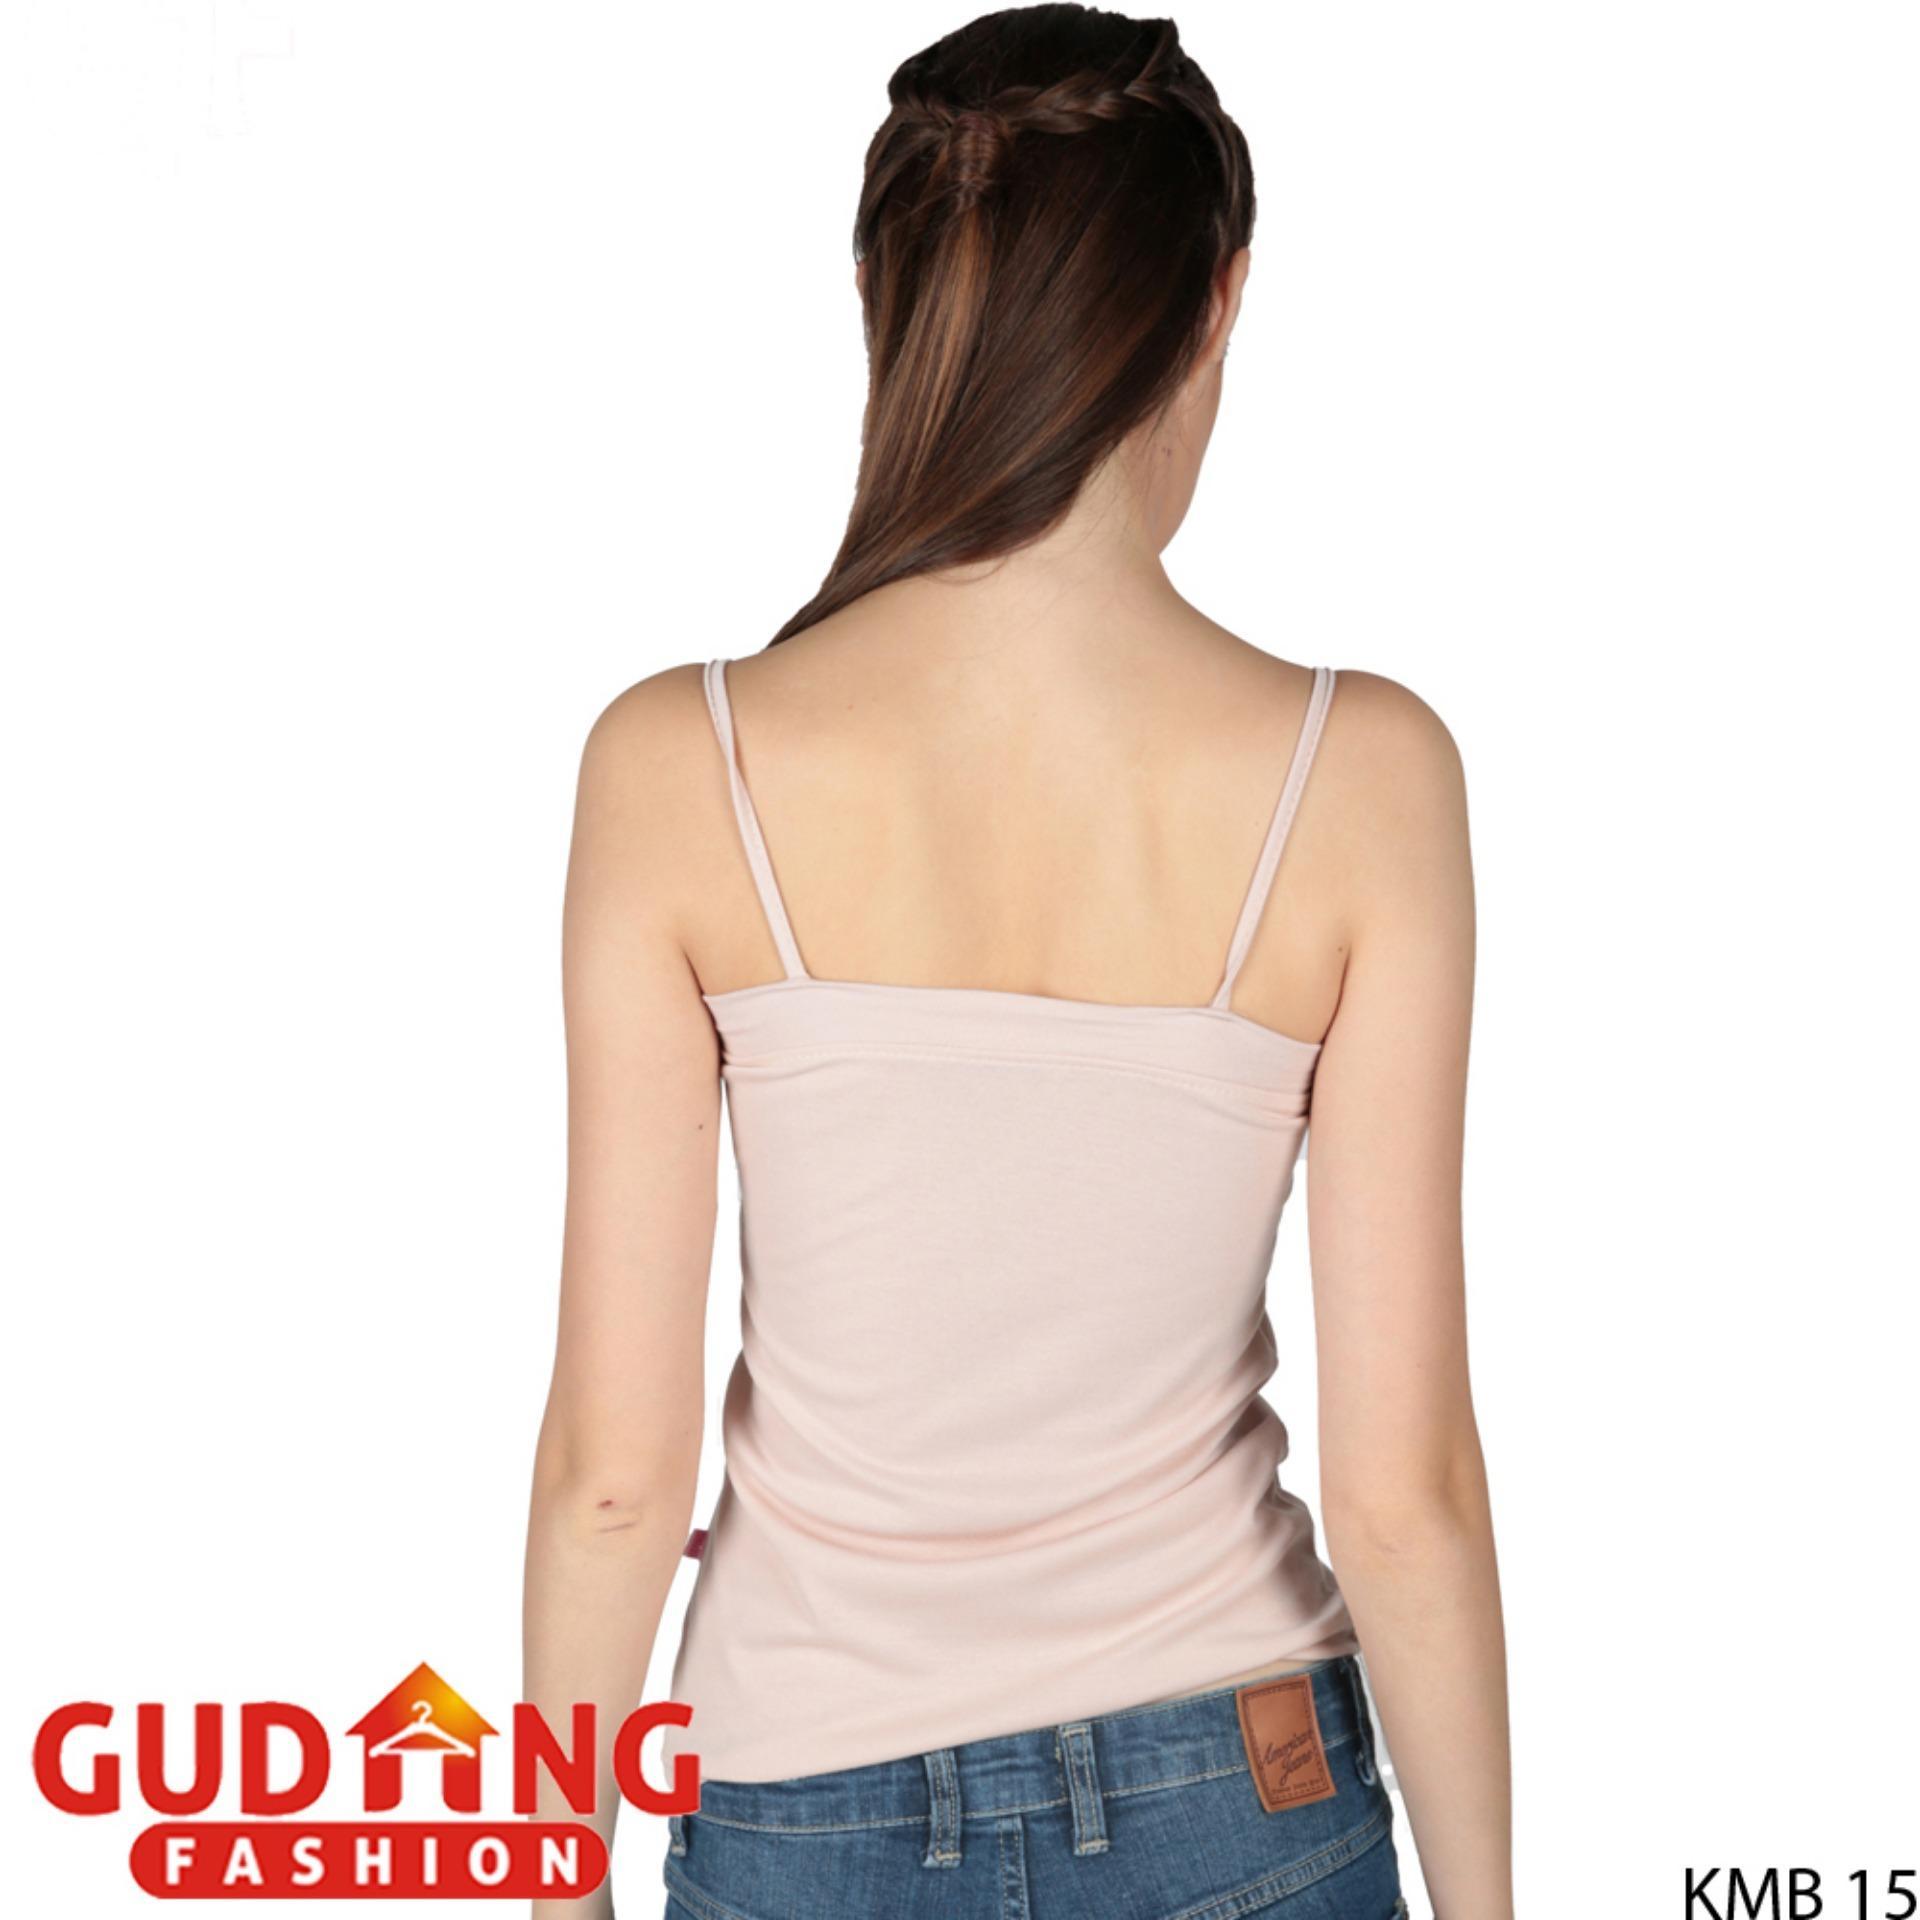 Gudang Fashion - Kemben Gaul - Krem - 2